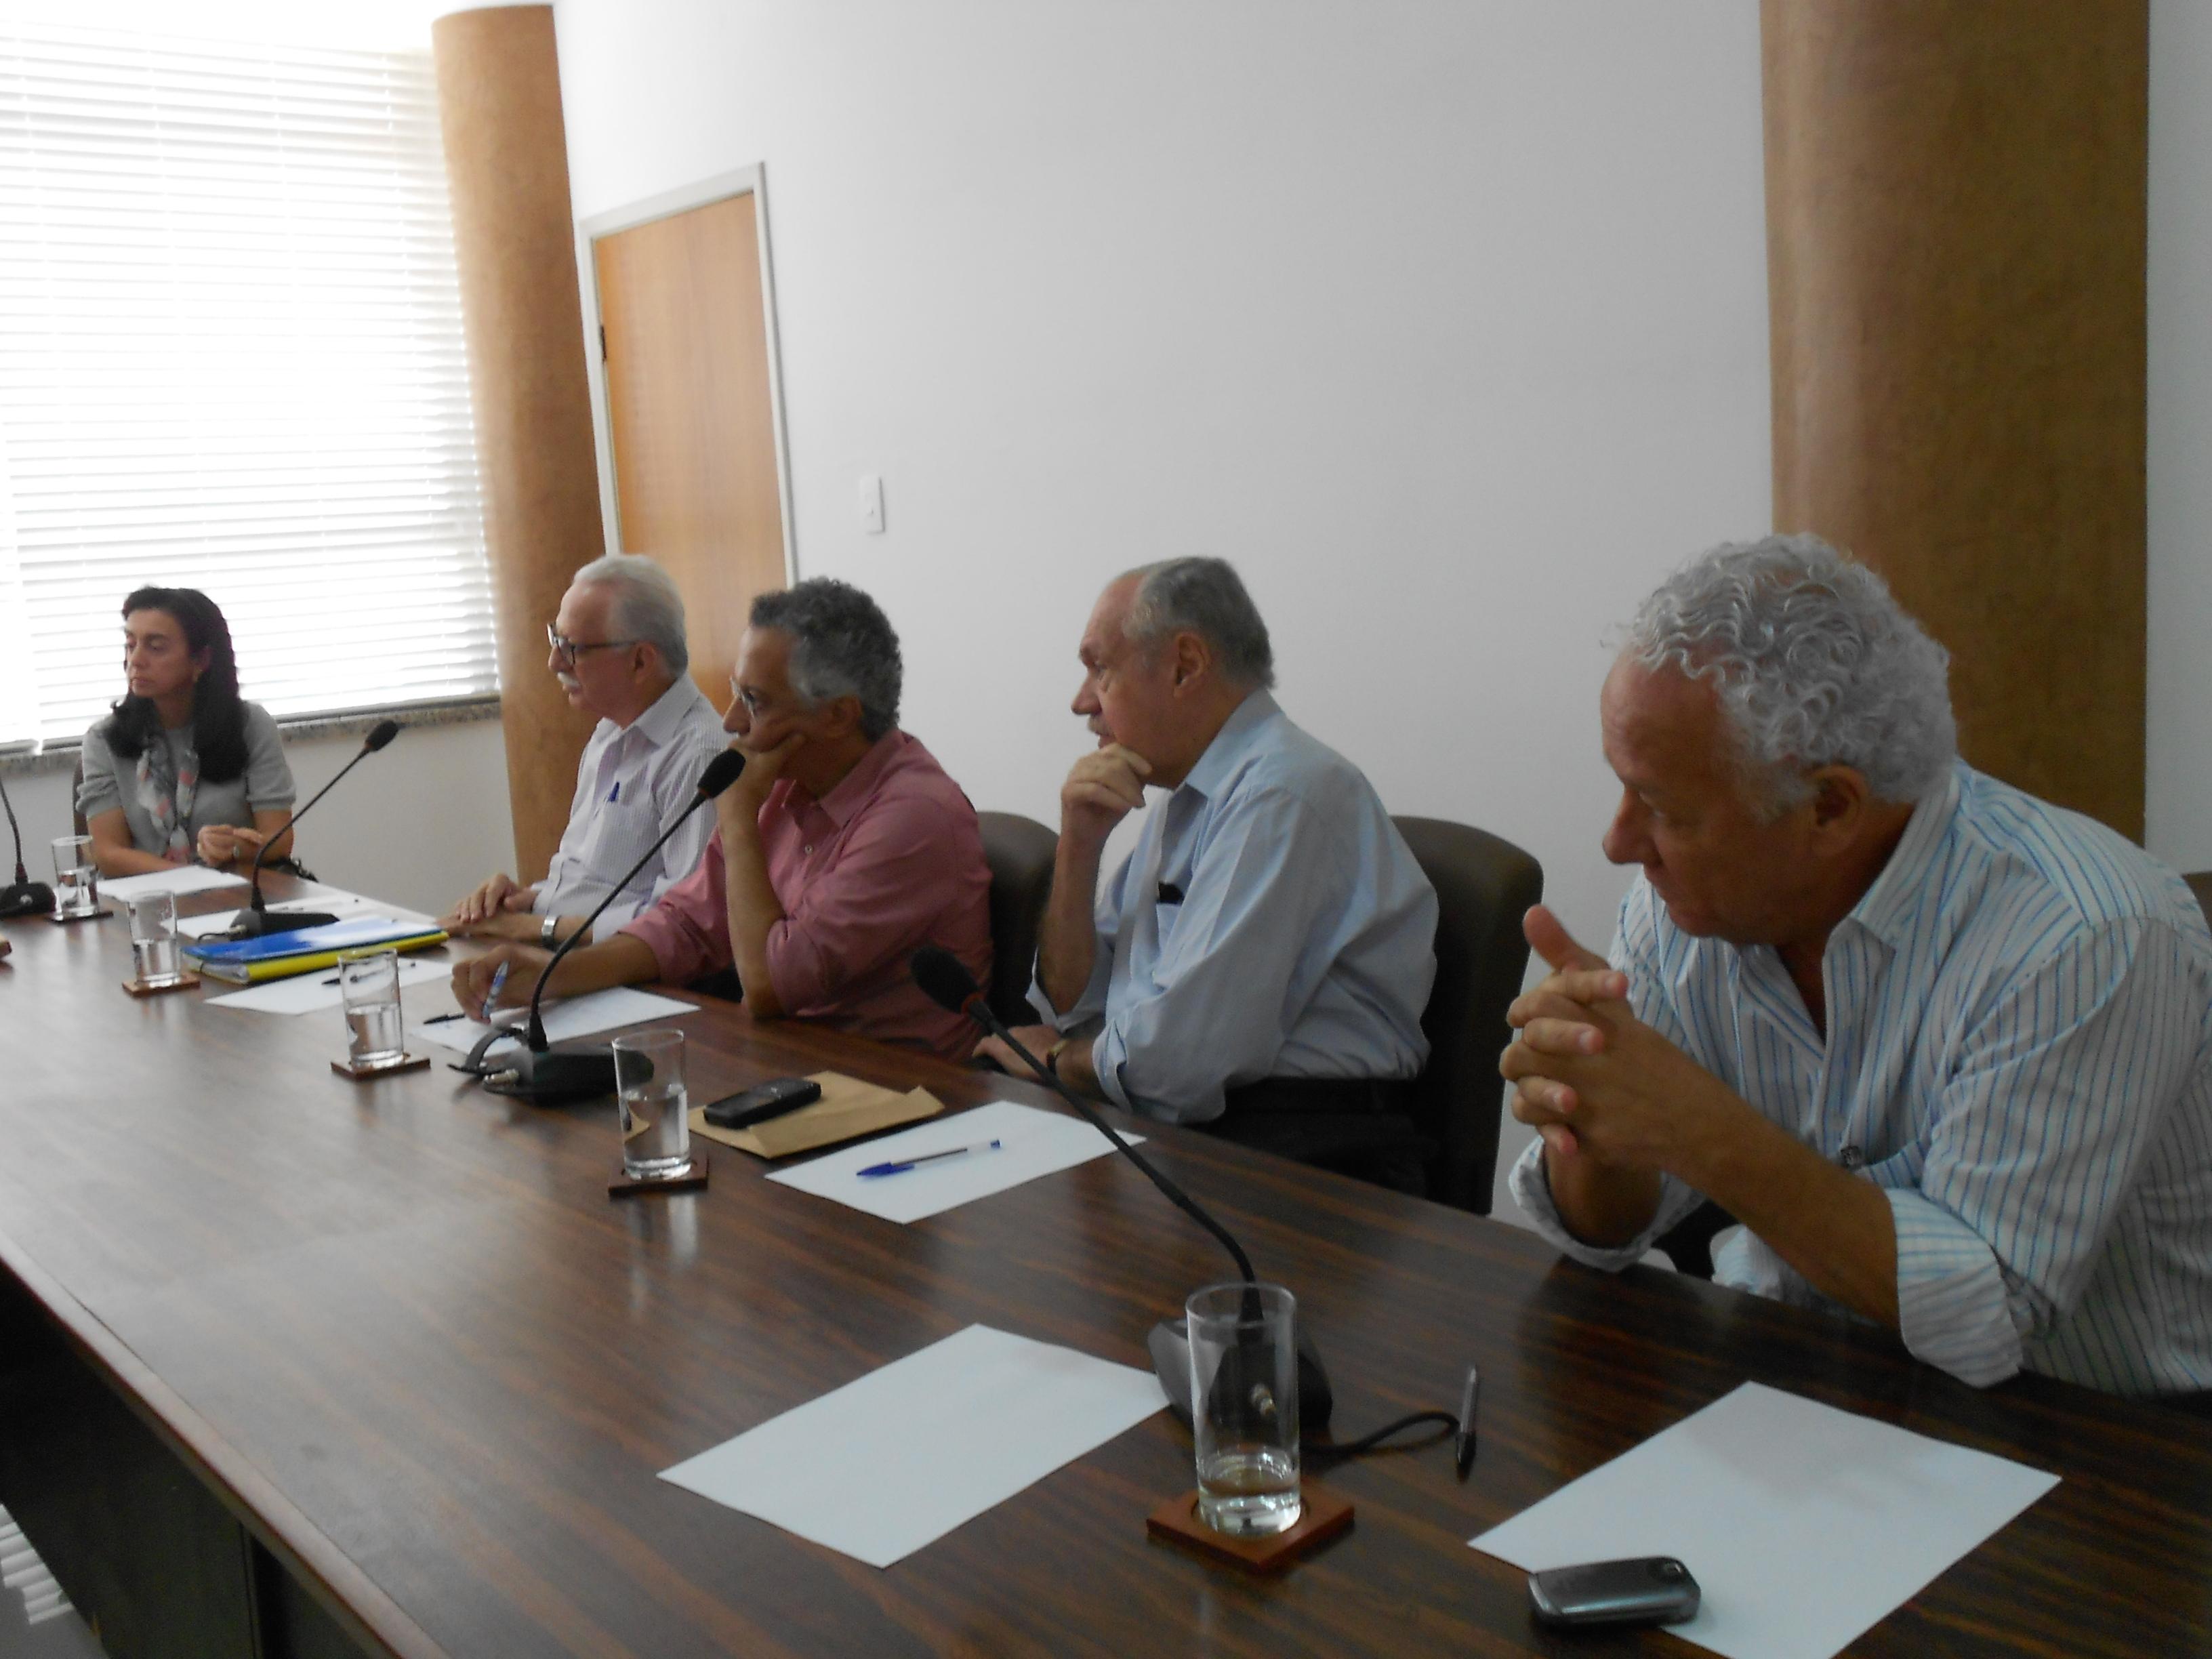 Diretores da ABI participam do debate - Foto: Joseanne Guedes